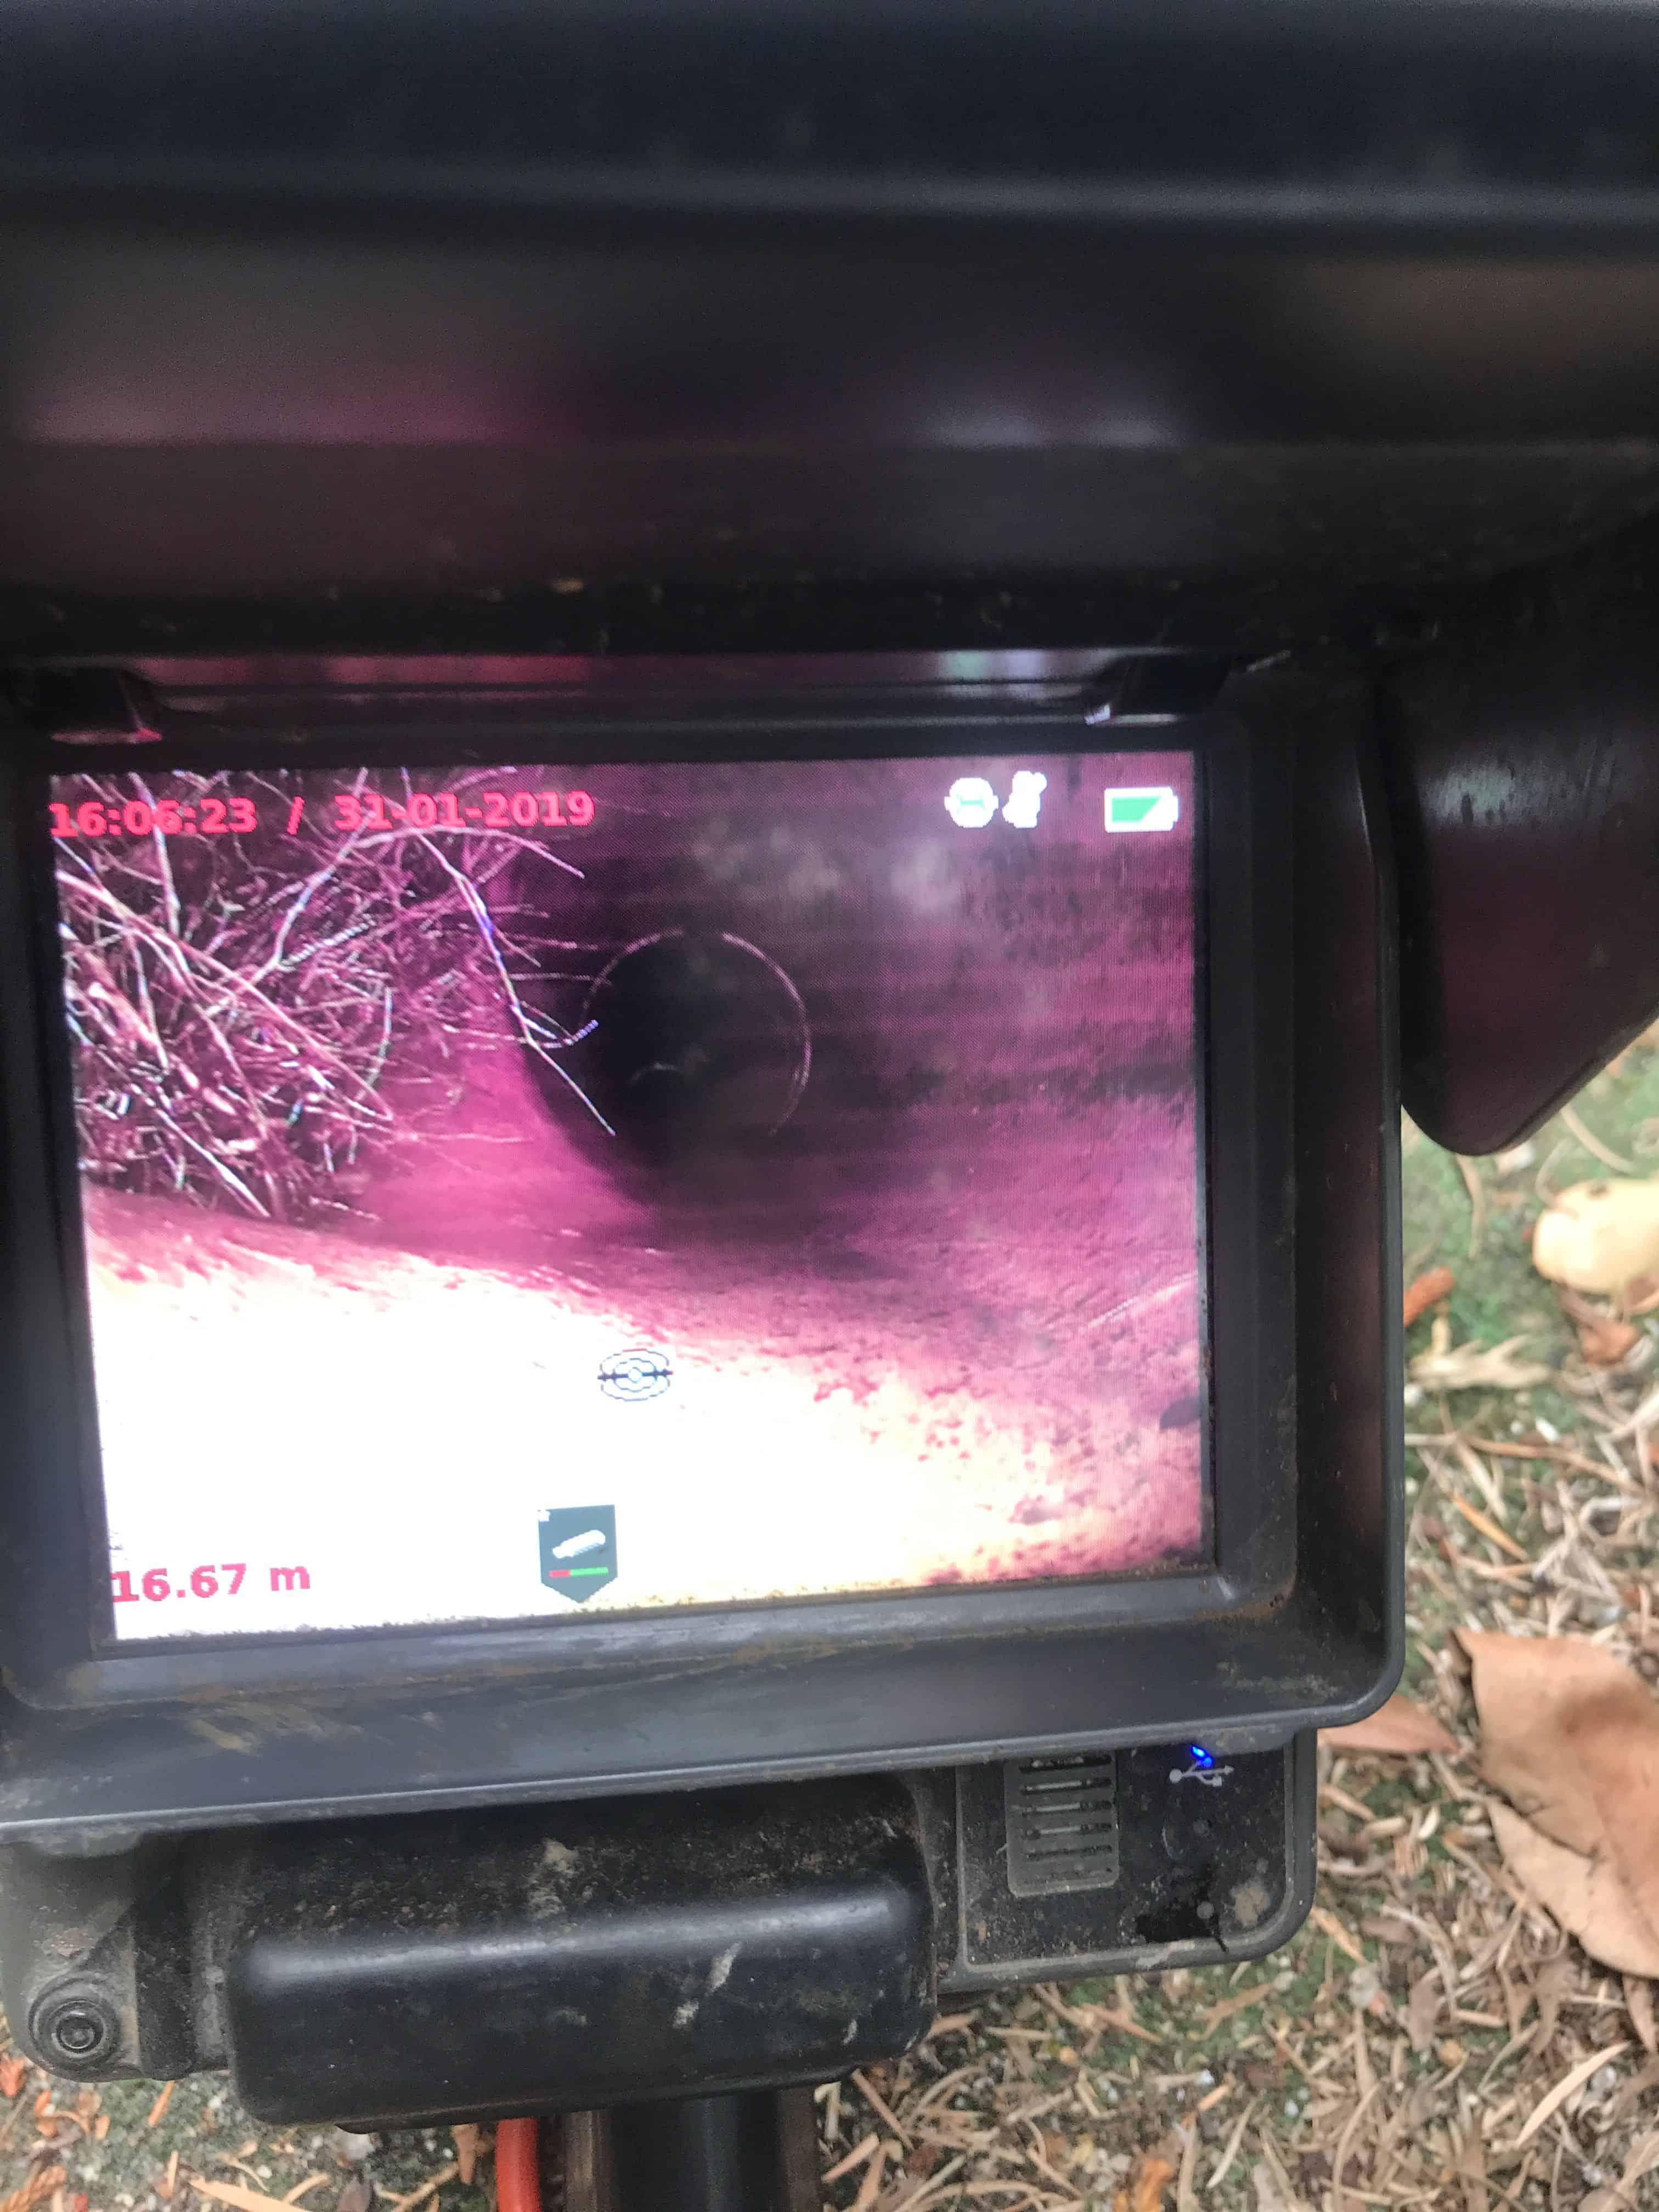 CCTV image of damaged underground pipe